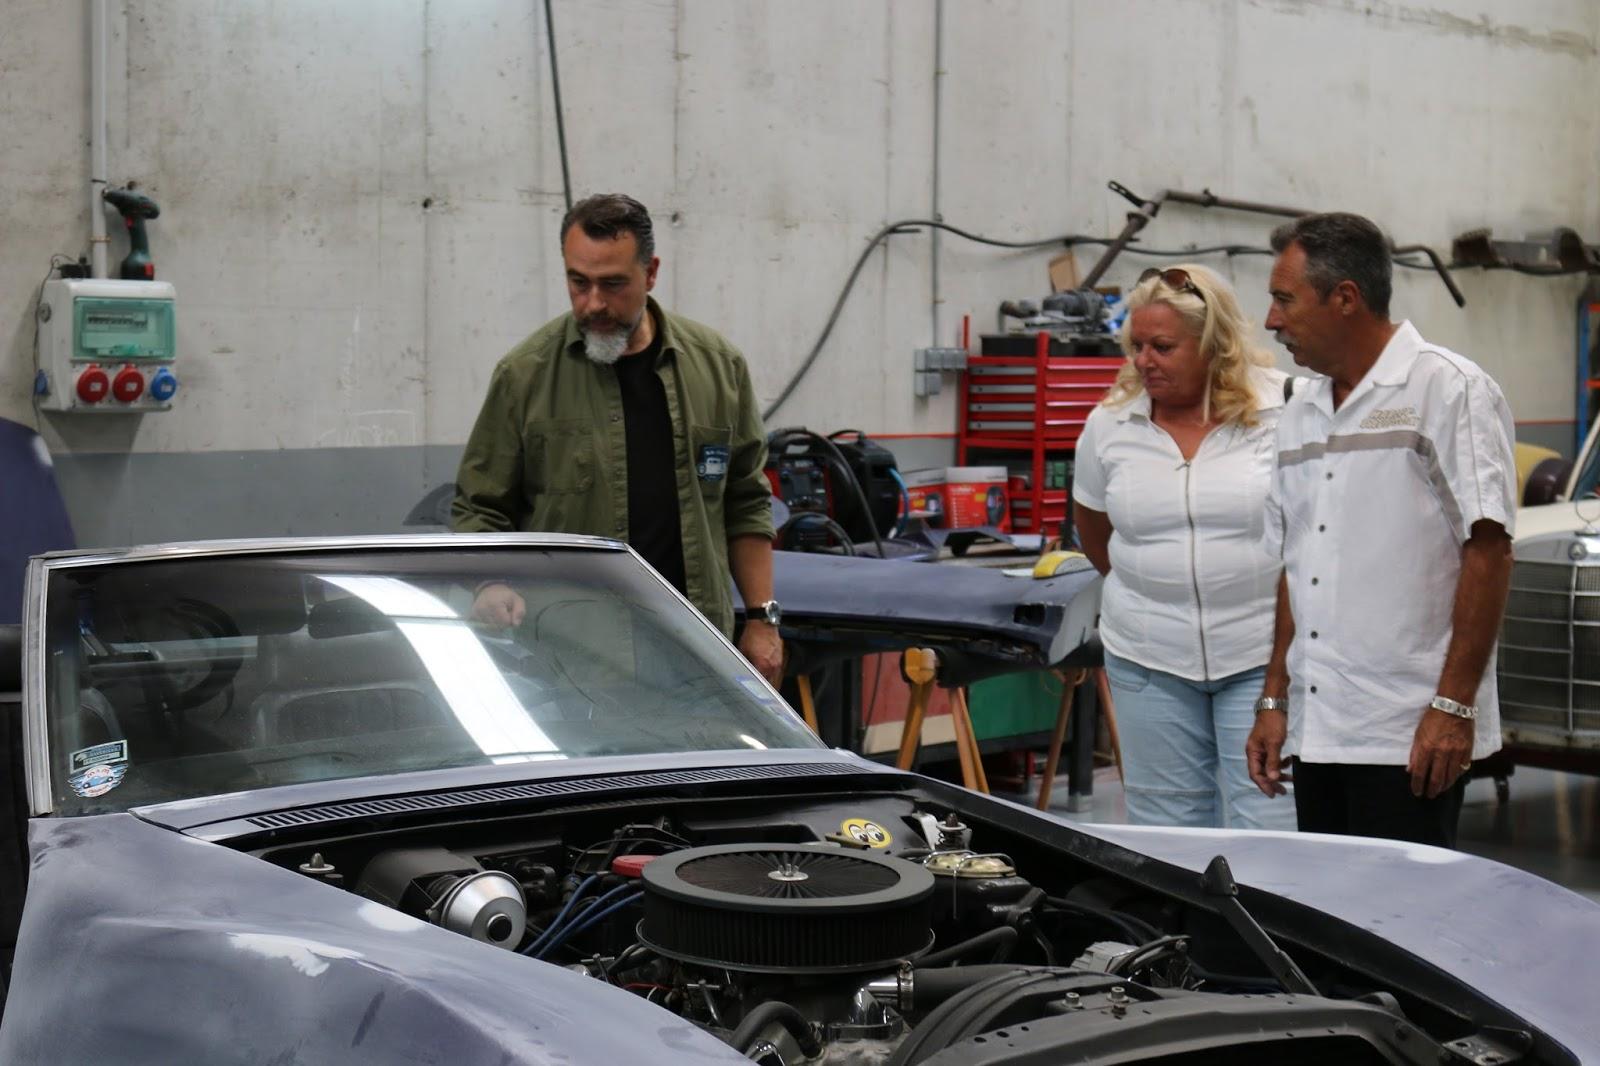 Discovery Turbo estreia House of Cars - Fúria Espanhola - Noticias ... 72f0f4dda0a0c